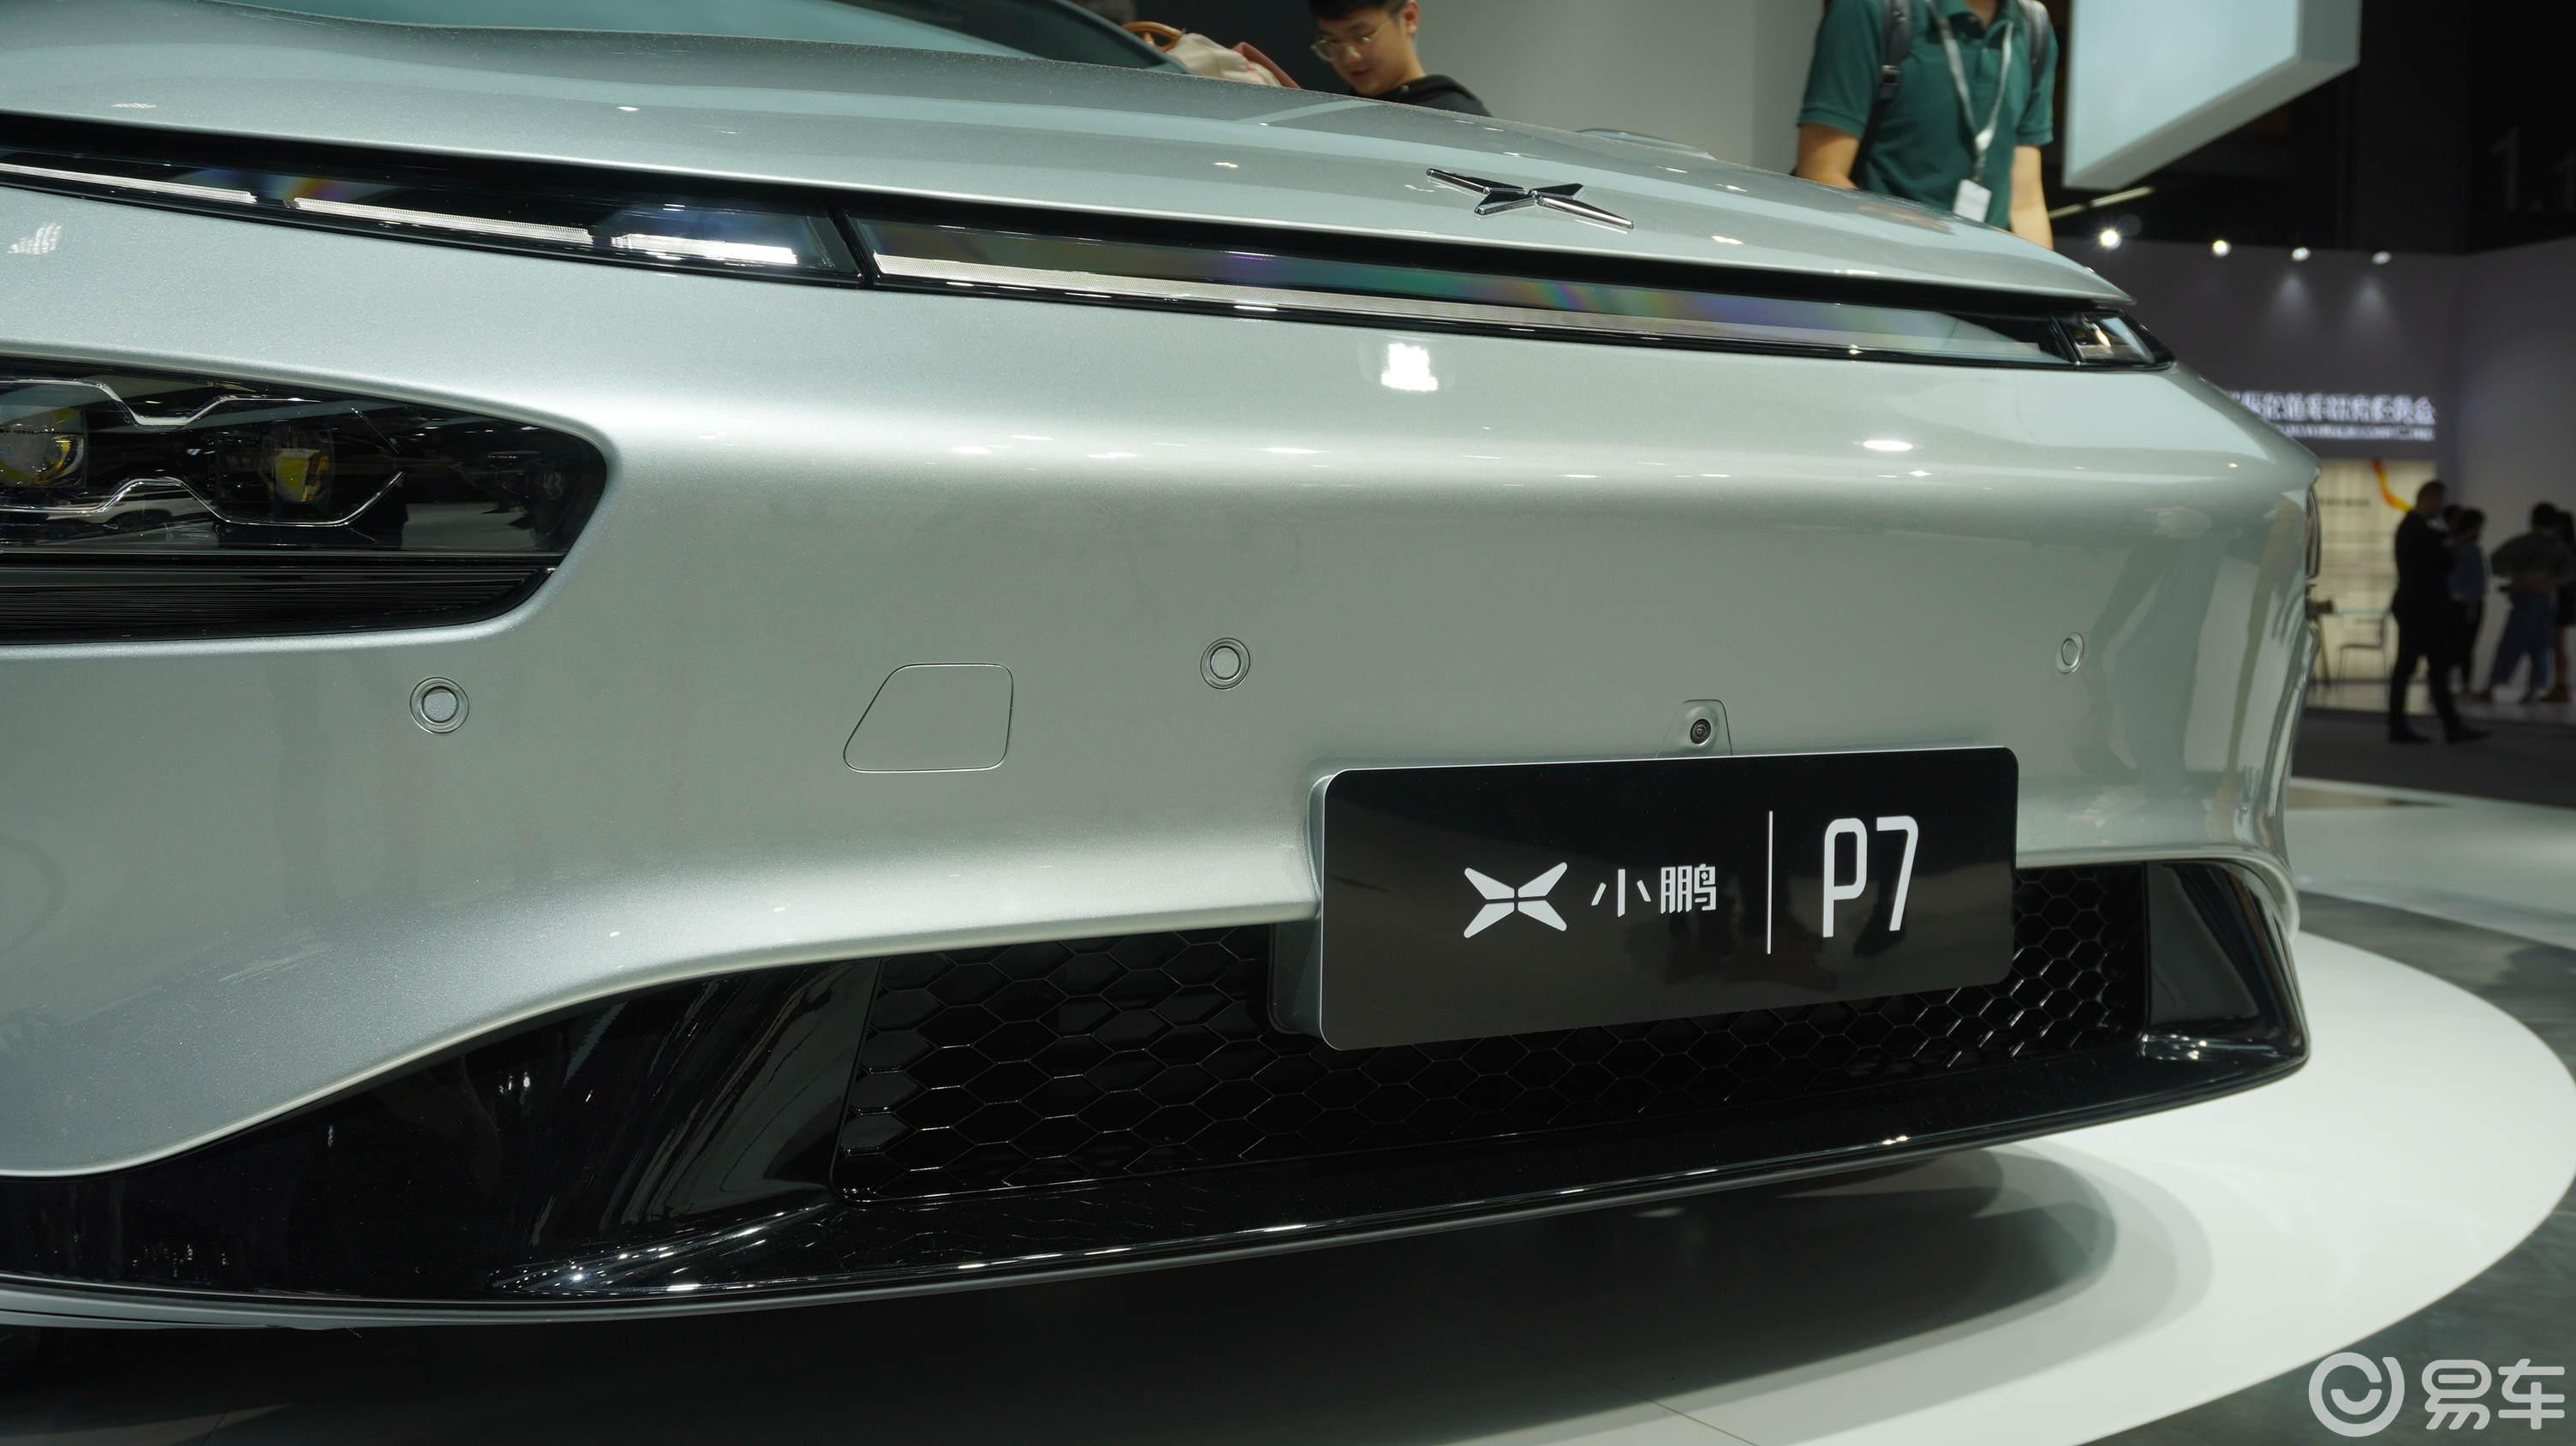 2019广州车展  L3自动驾驶,小鹏P7零百加速5秒内